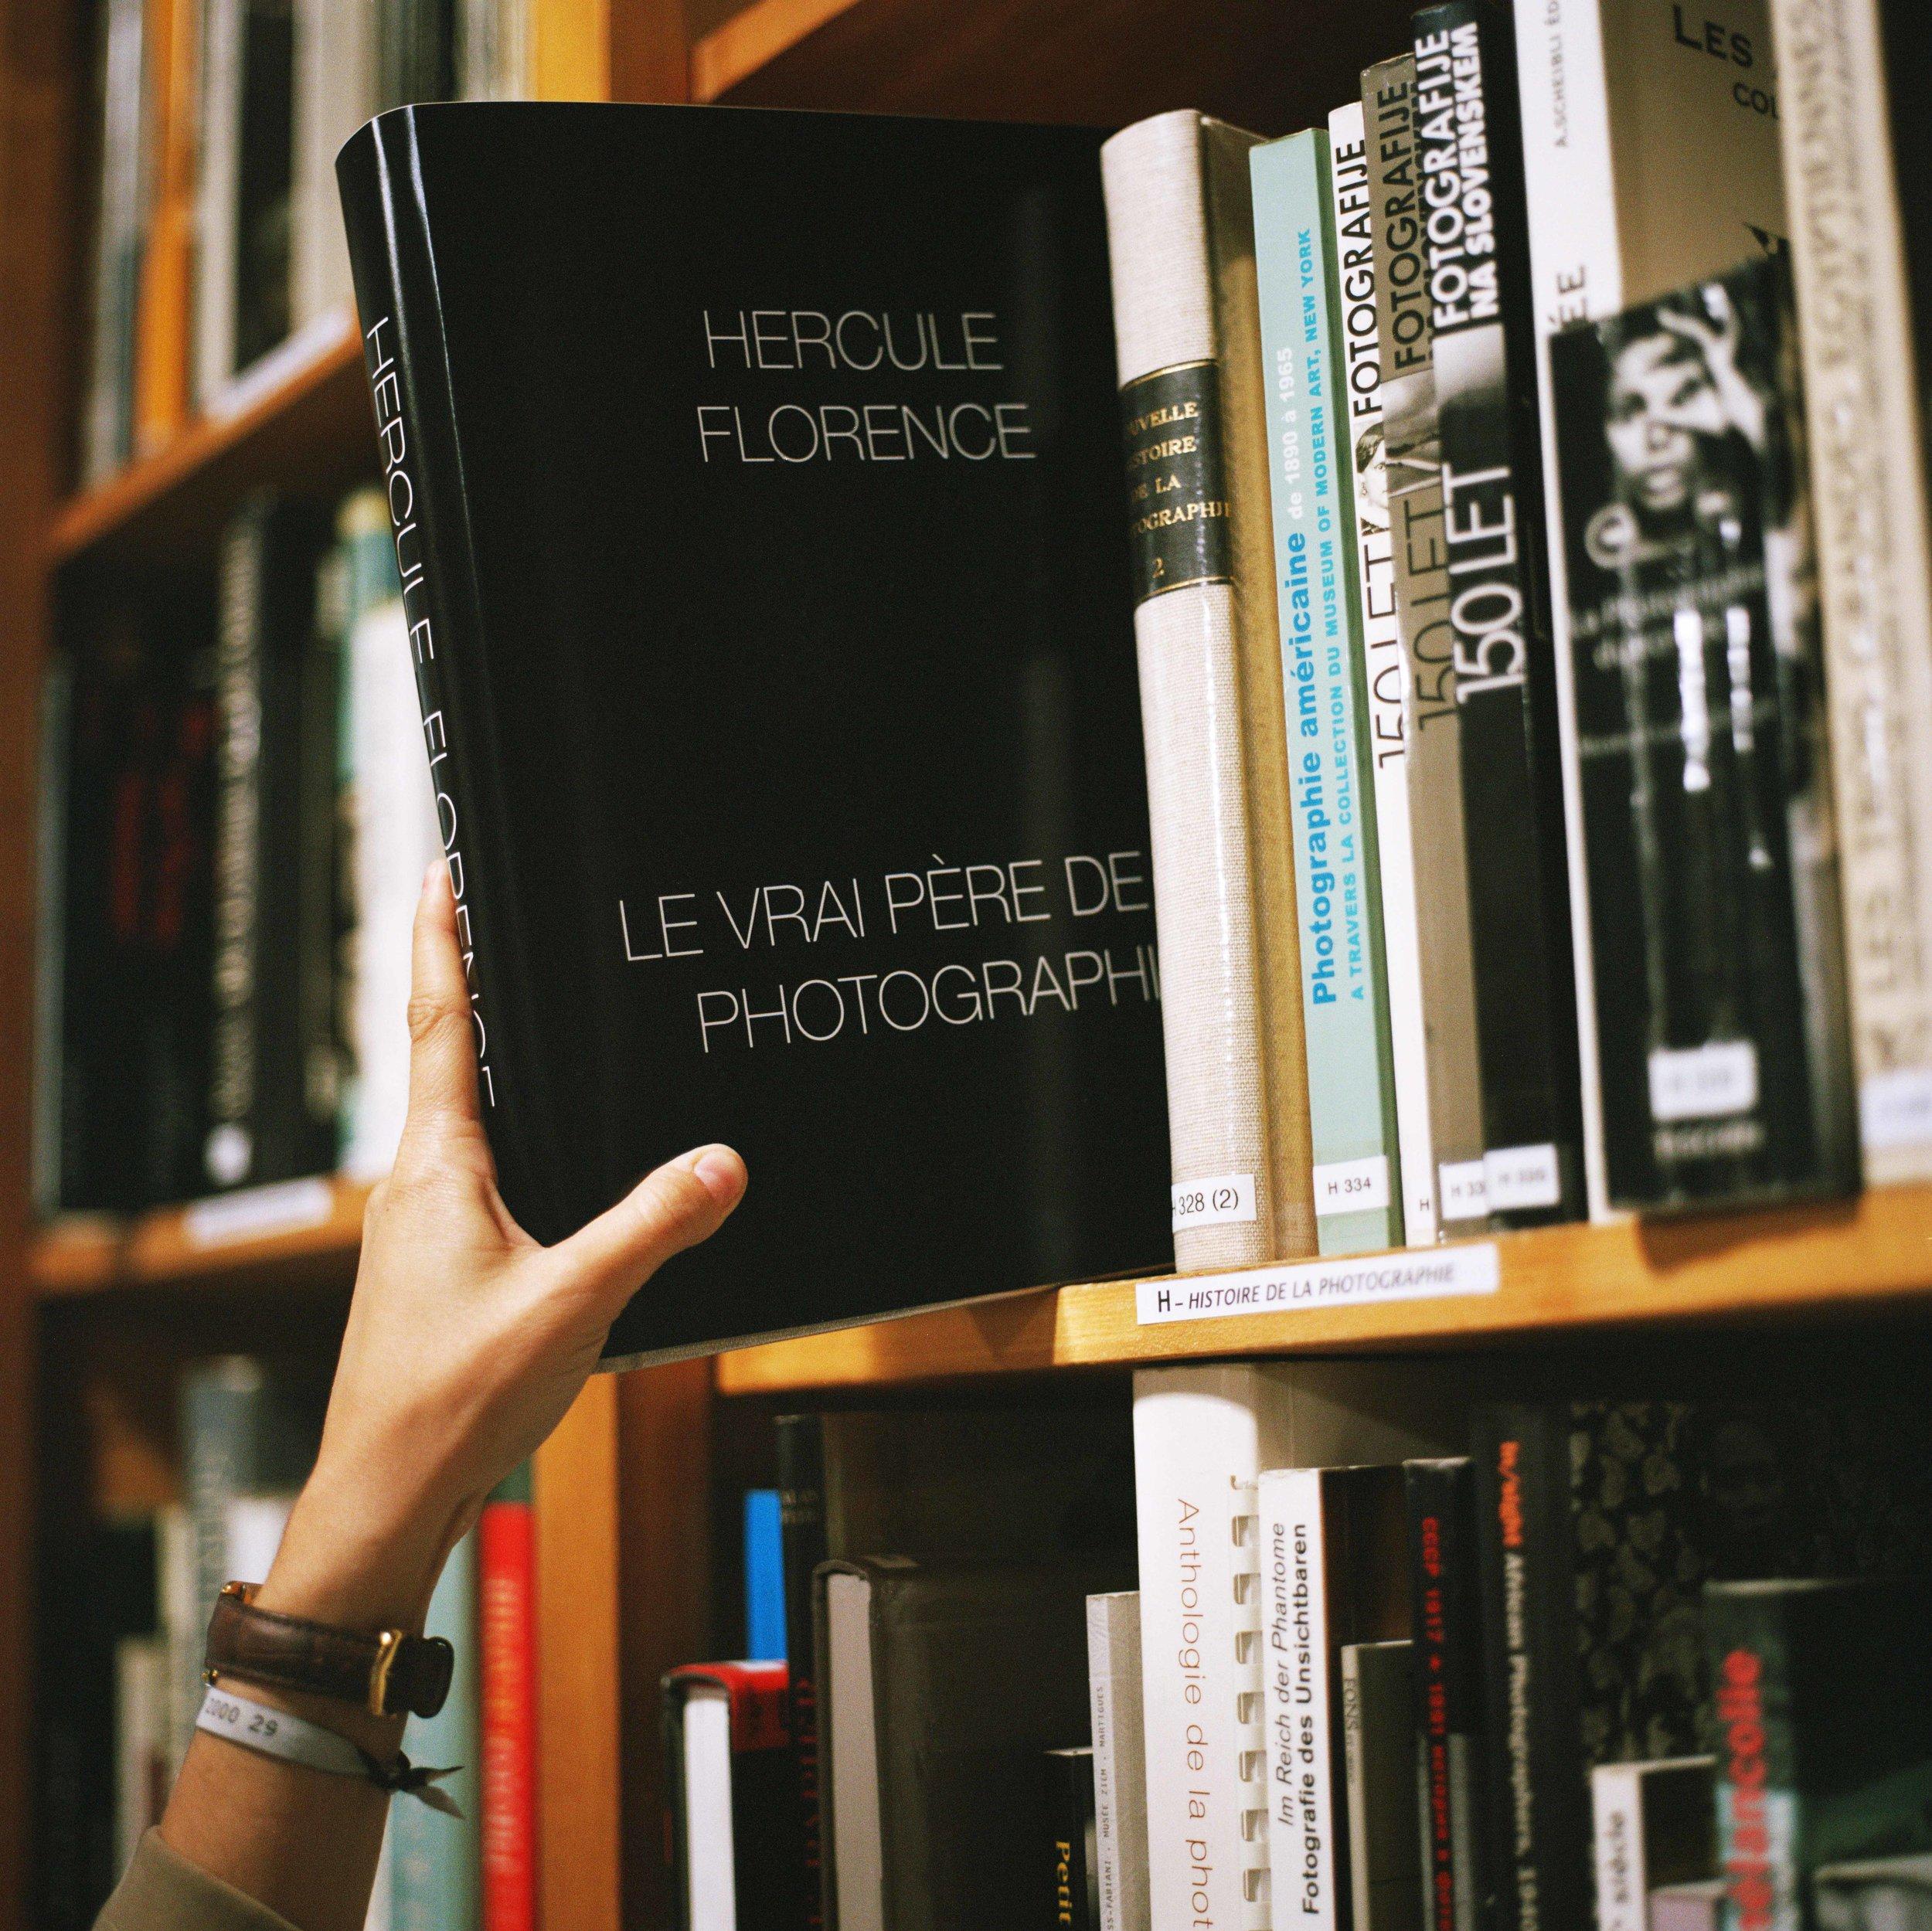 biblioteca_04.jpg